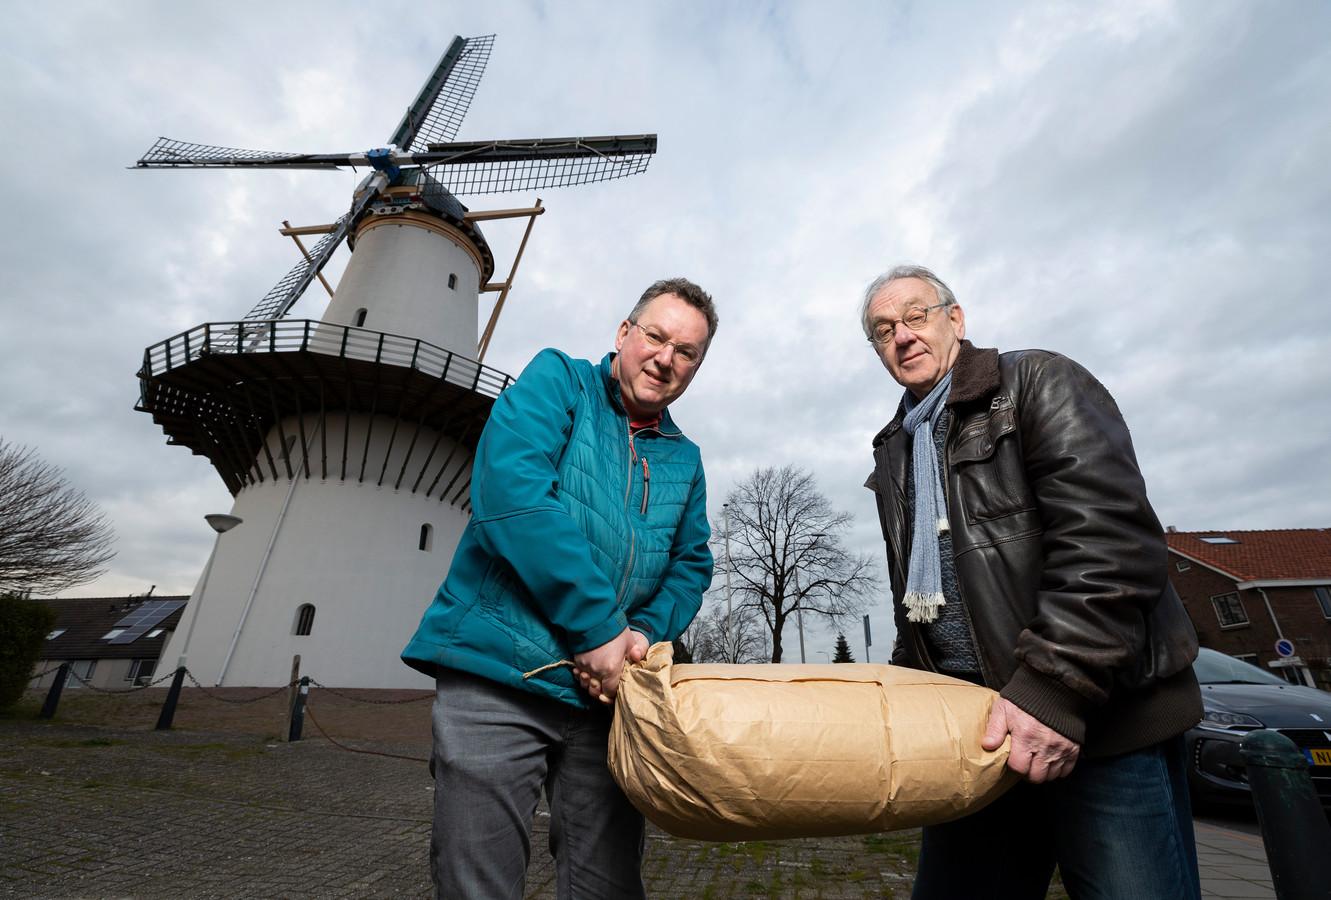 Cor Groen (blauwe jas) en Jacques Boonekamp van Stichting Molen De Hoop lopen met een 25 kilo zak meel.